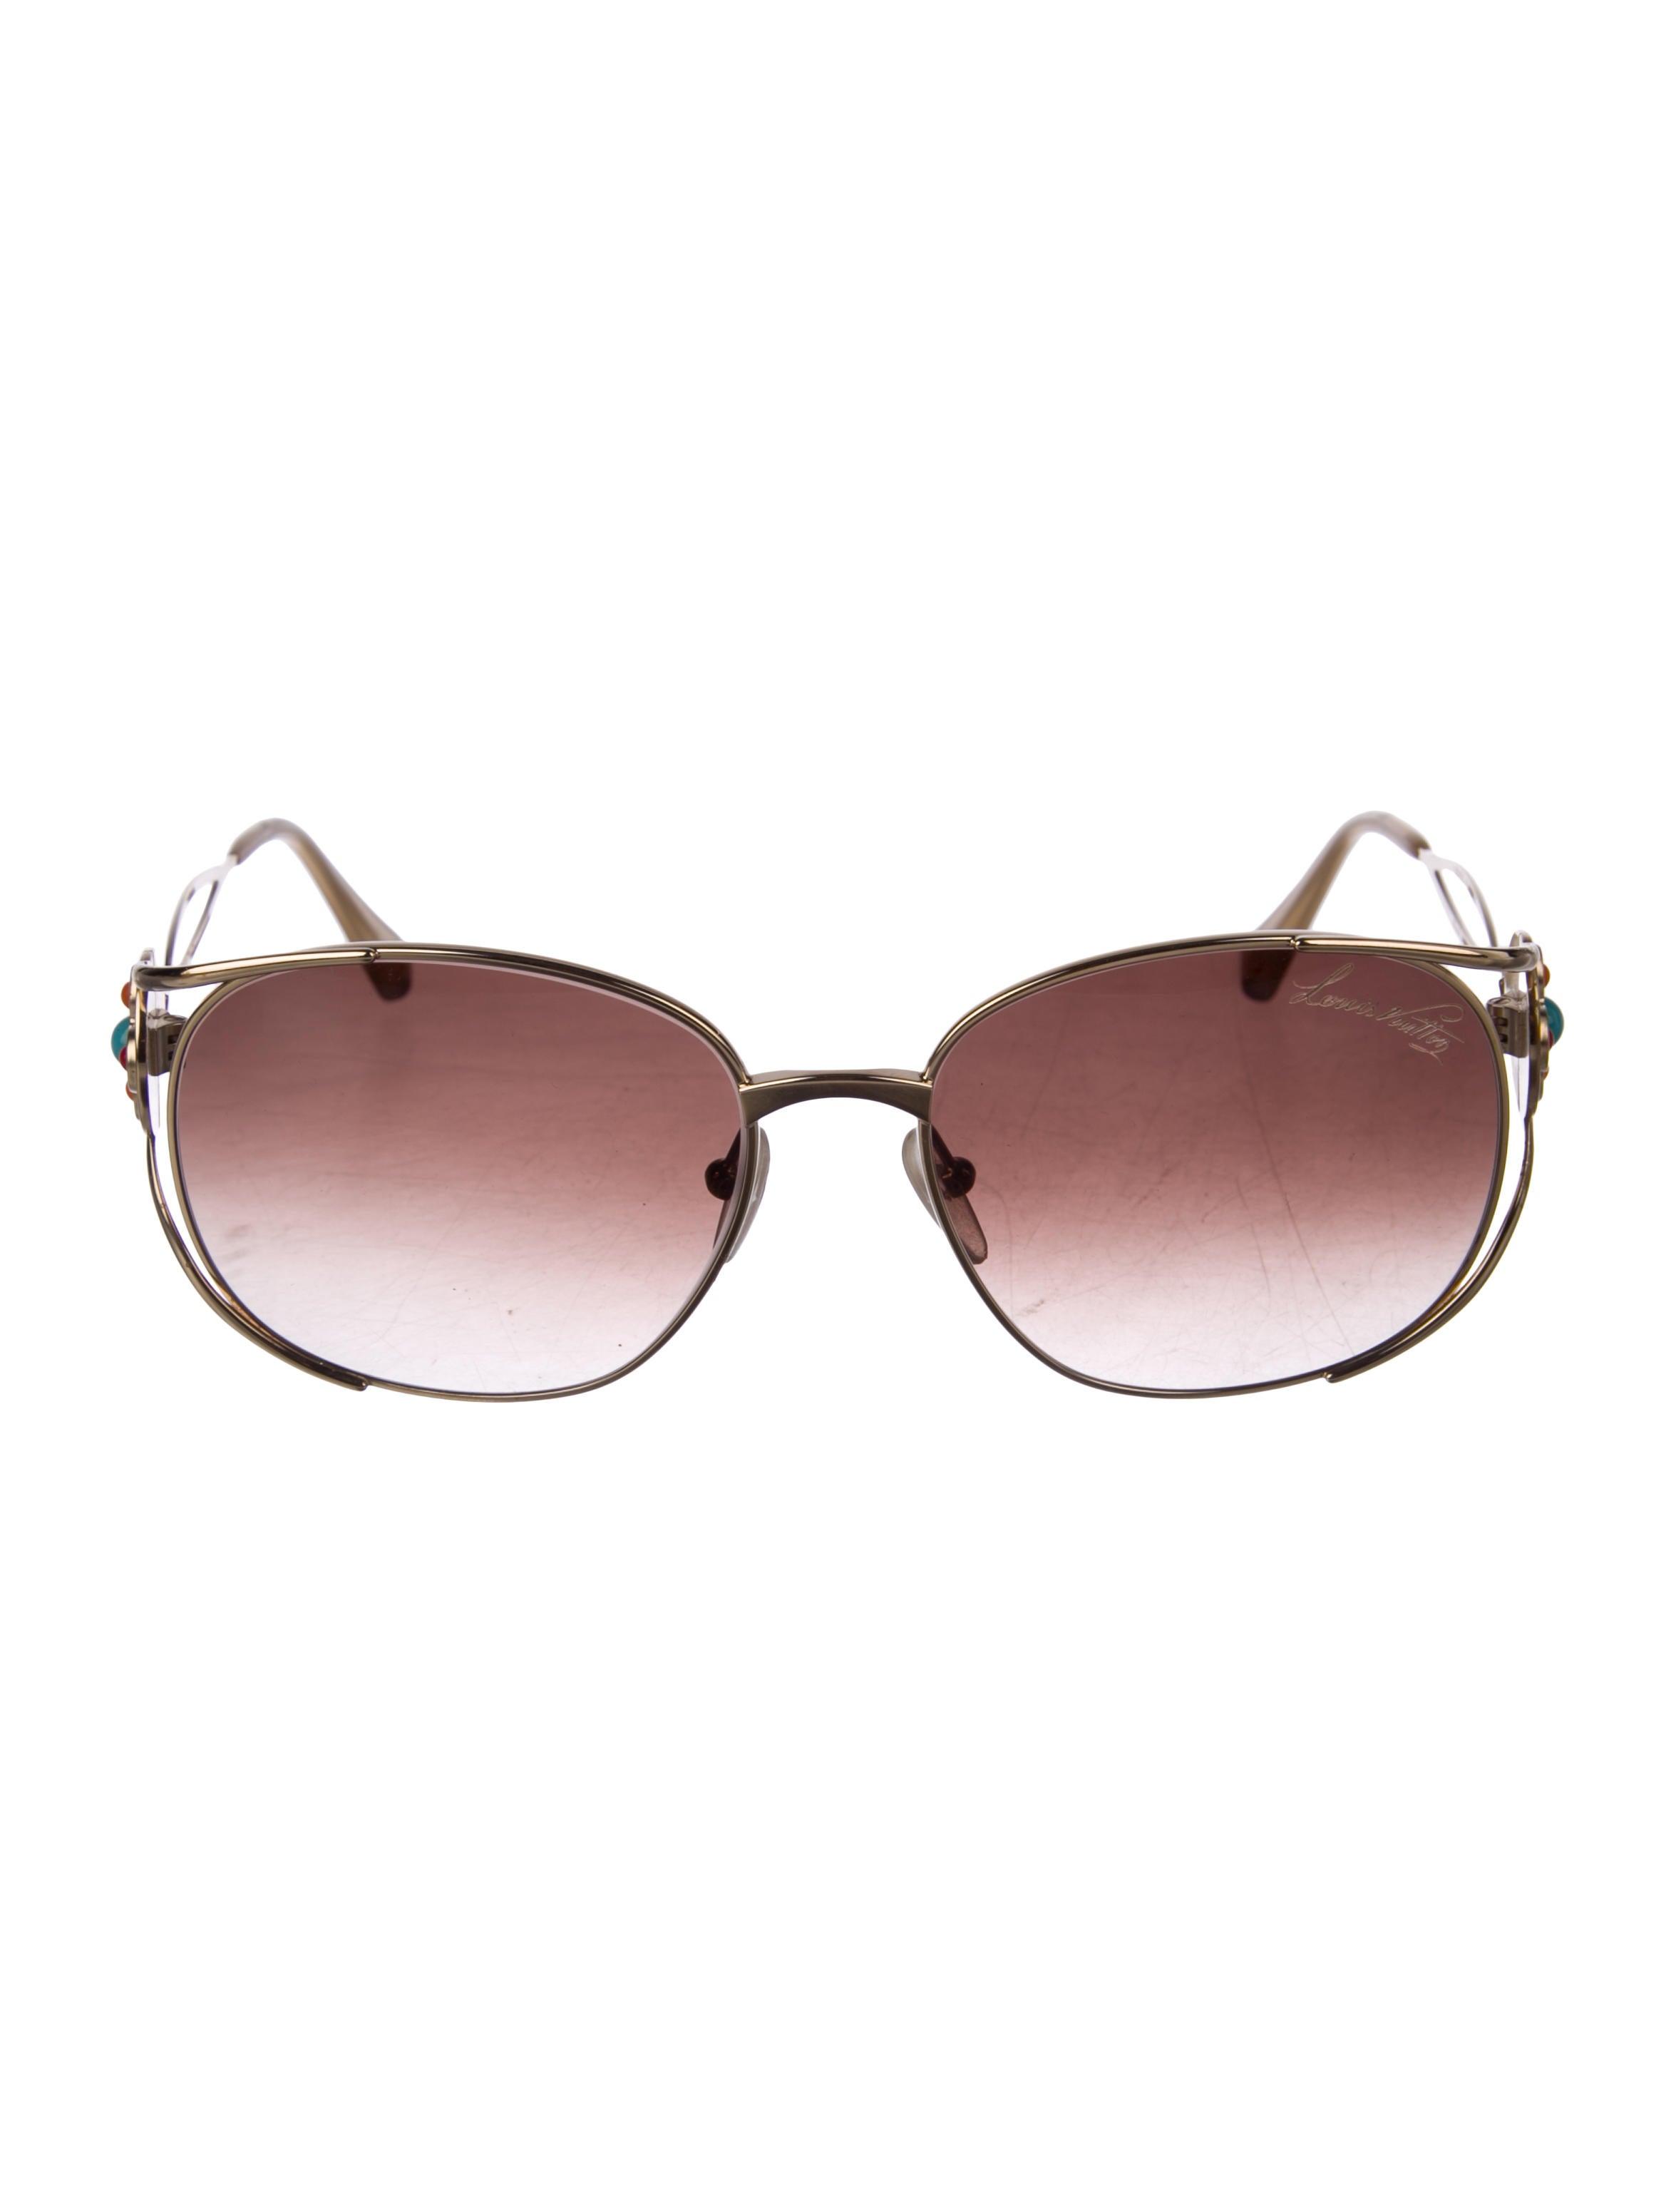 76b496a58a1b Sunglasses